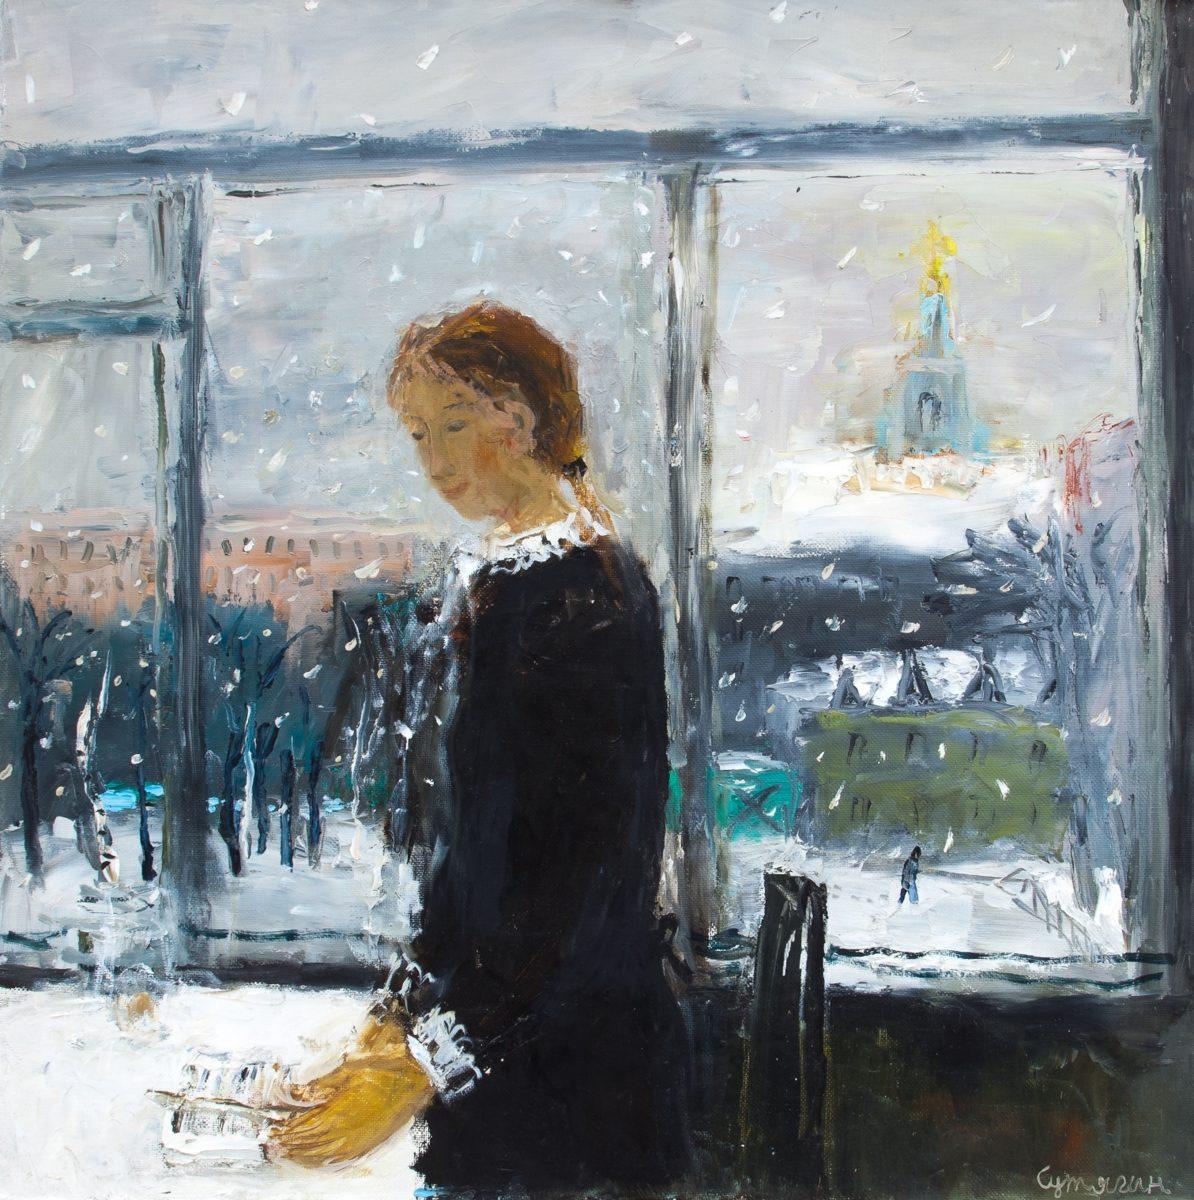 Проект «Земля и небо» в галерее Зураба Церетели – события на сайте «Московские Сезоны»